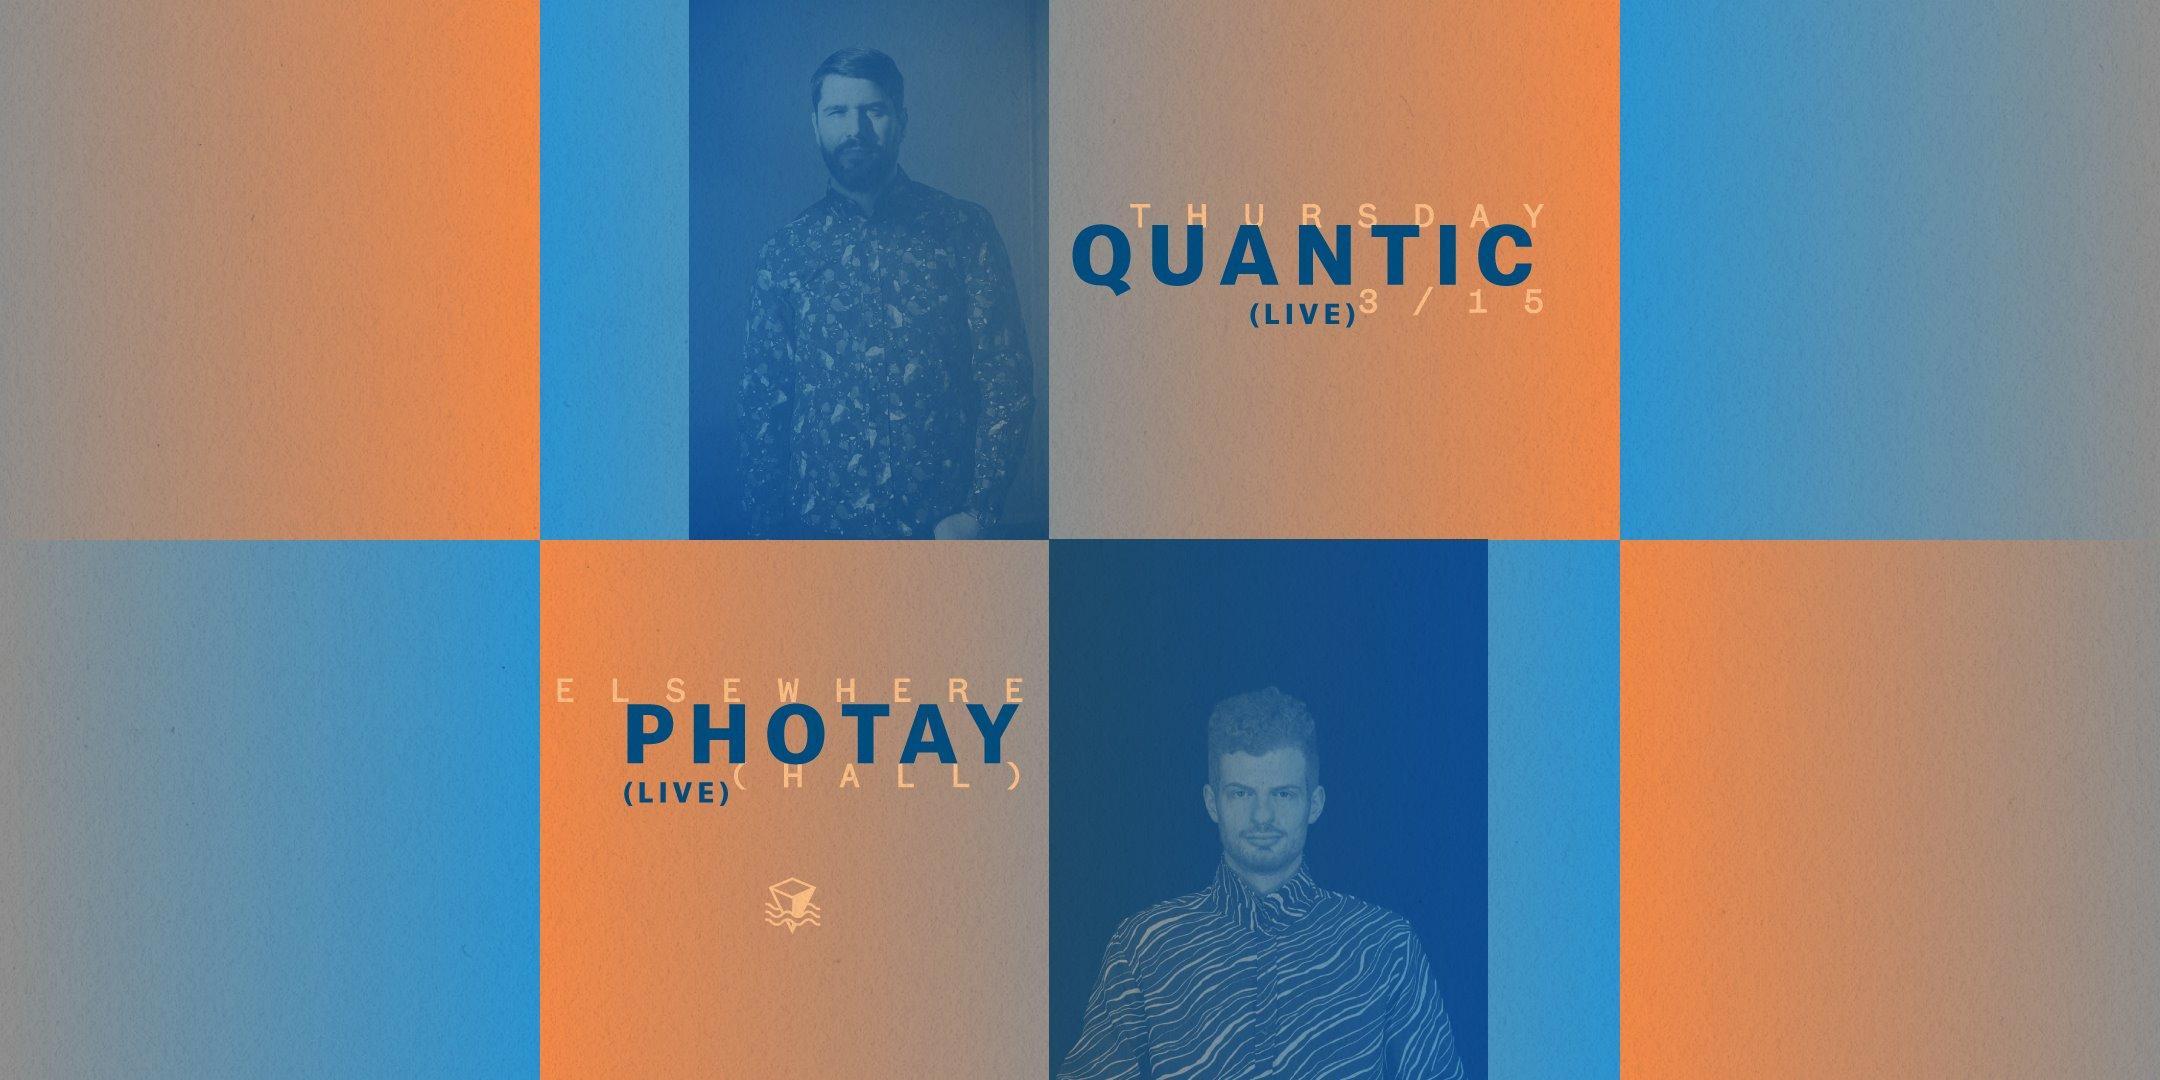 Quantic [LIVE] + Photay [LIVE]